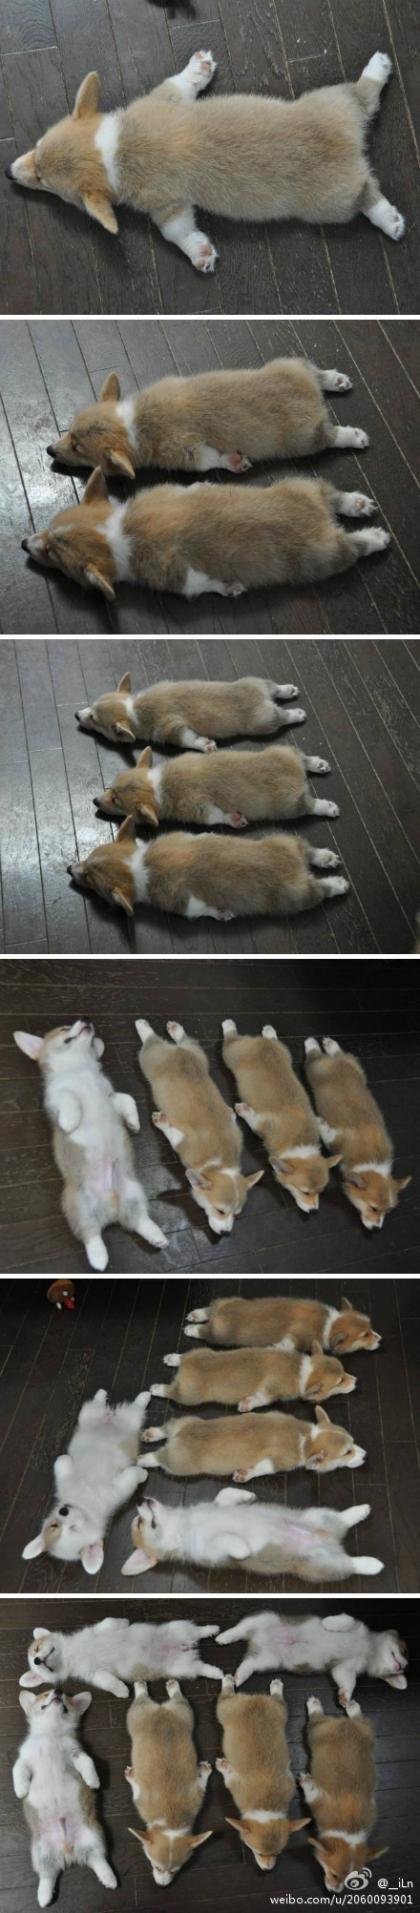 뽐뿌 > 강아지 6마리 낳았는데, 자는게 너무 기여워요!